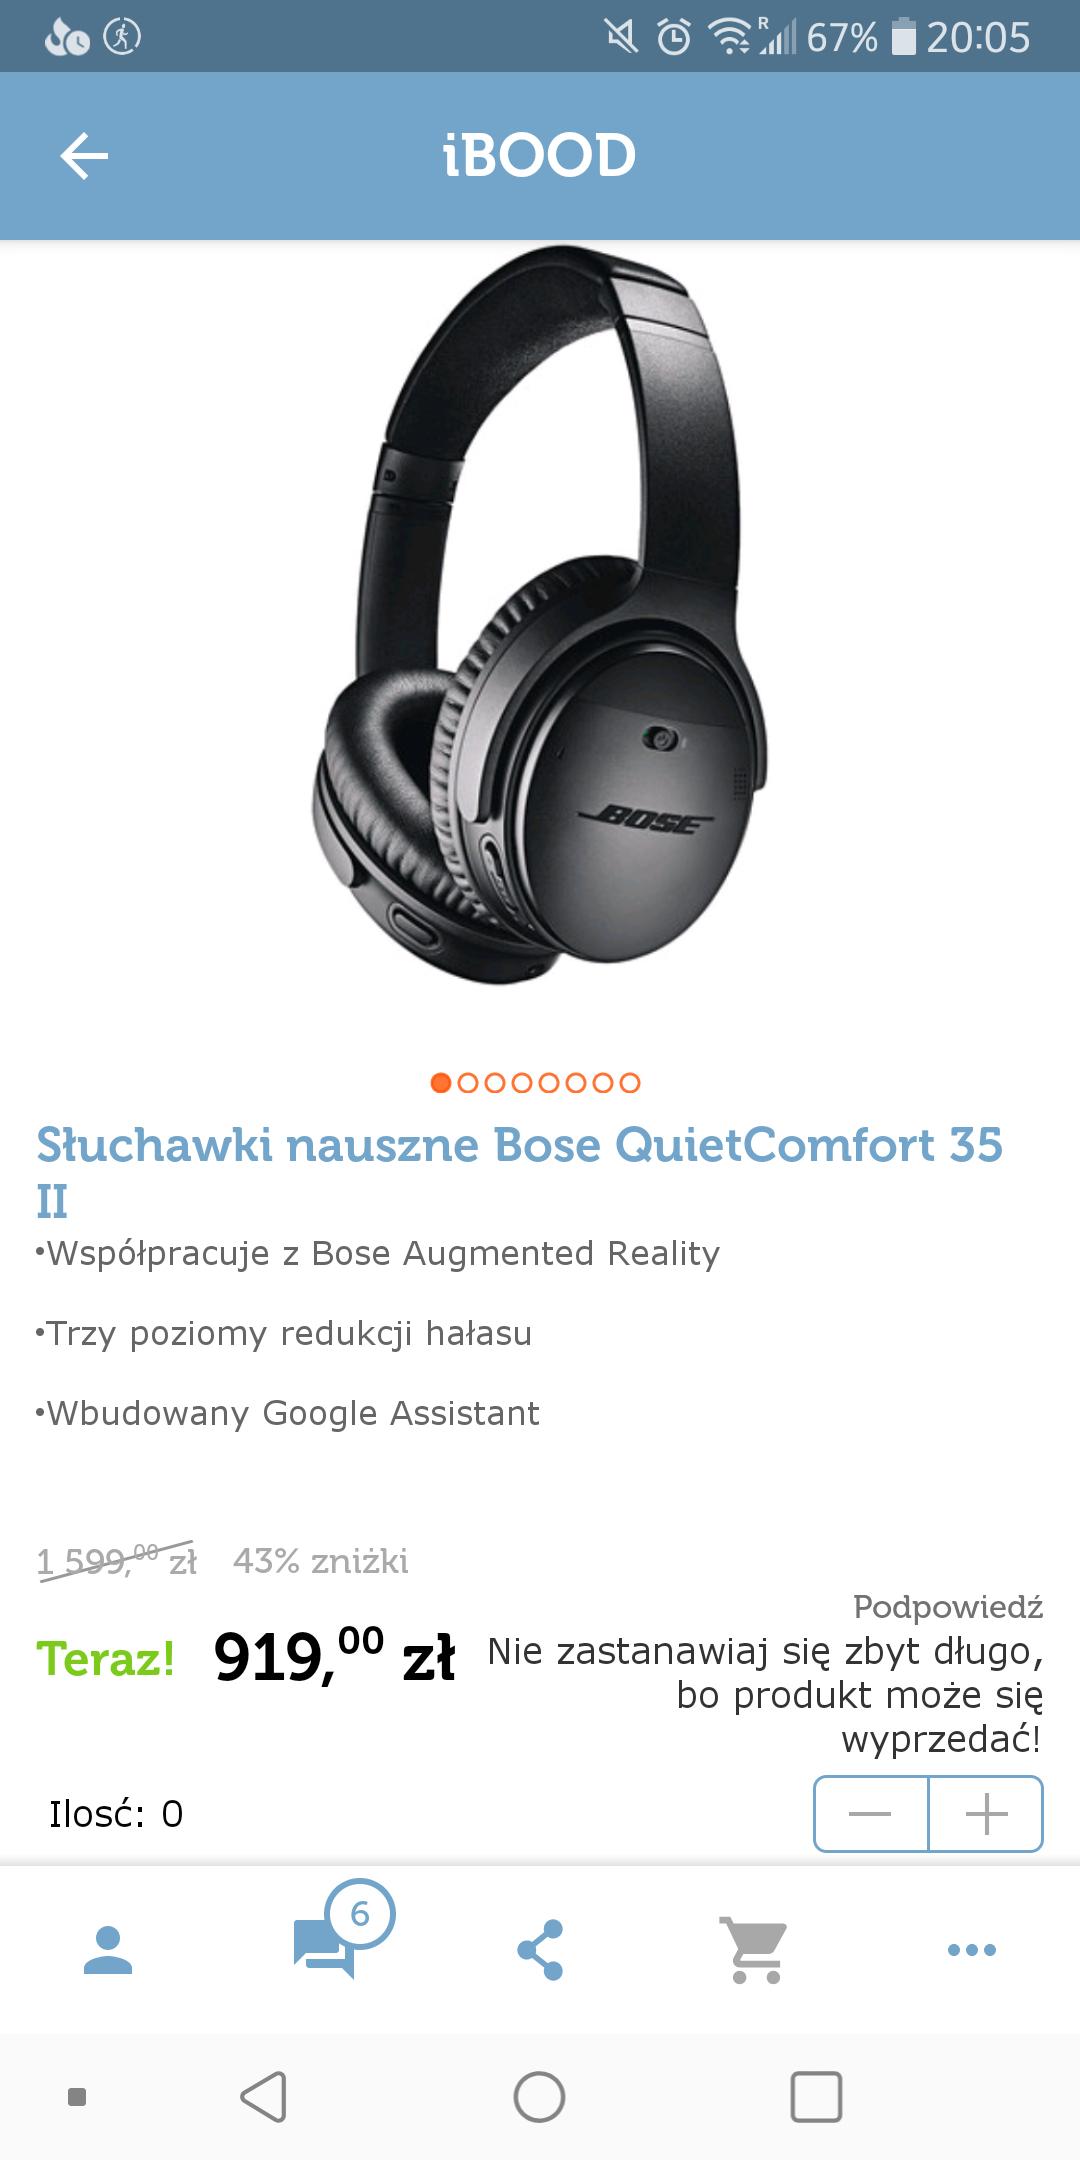 Słuchawki nauszne z ANC Bose QuietComfort 35